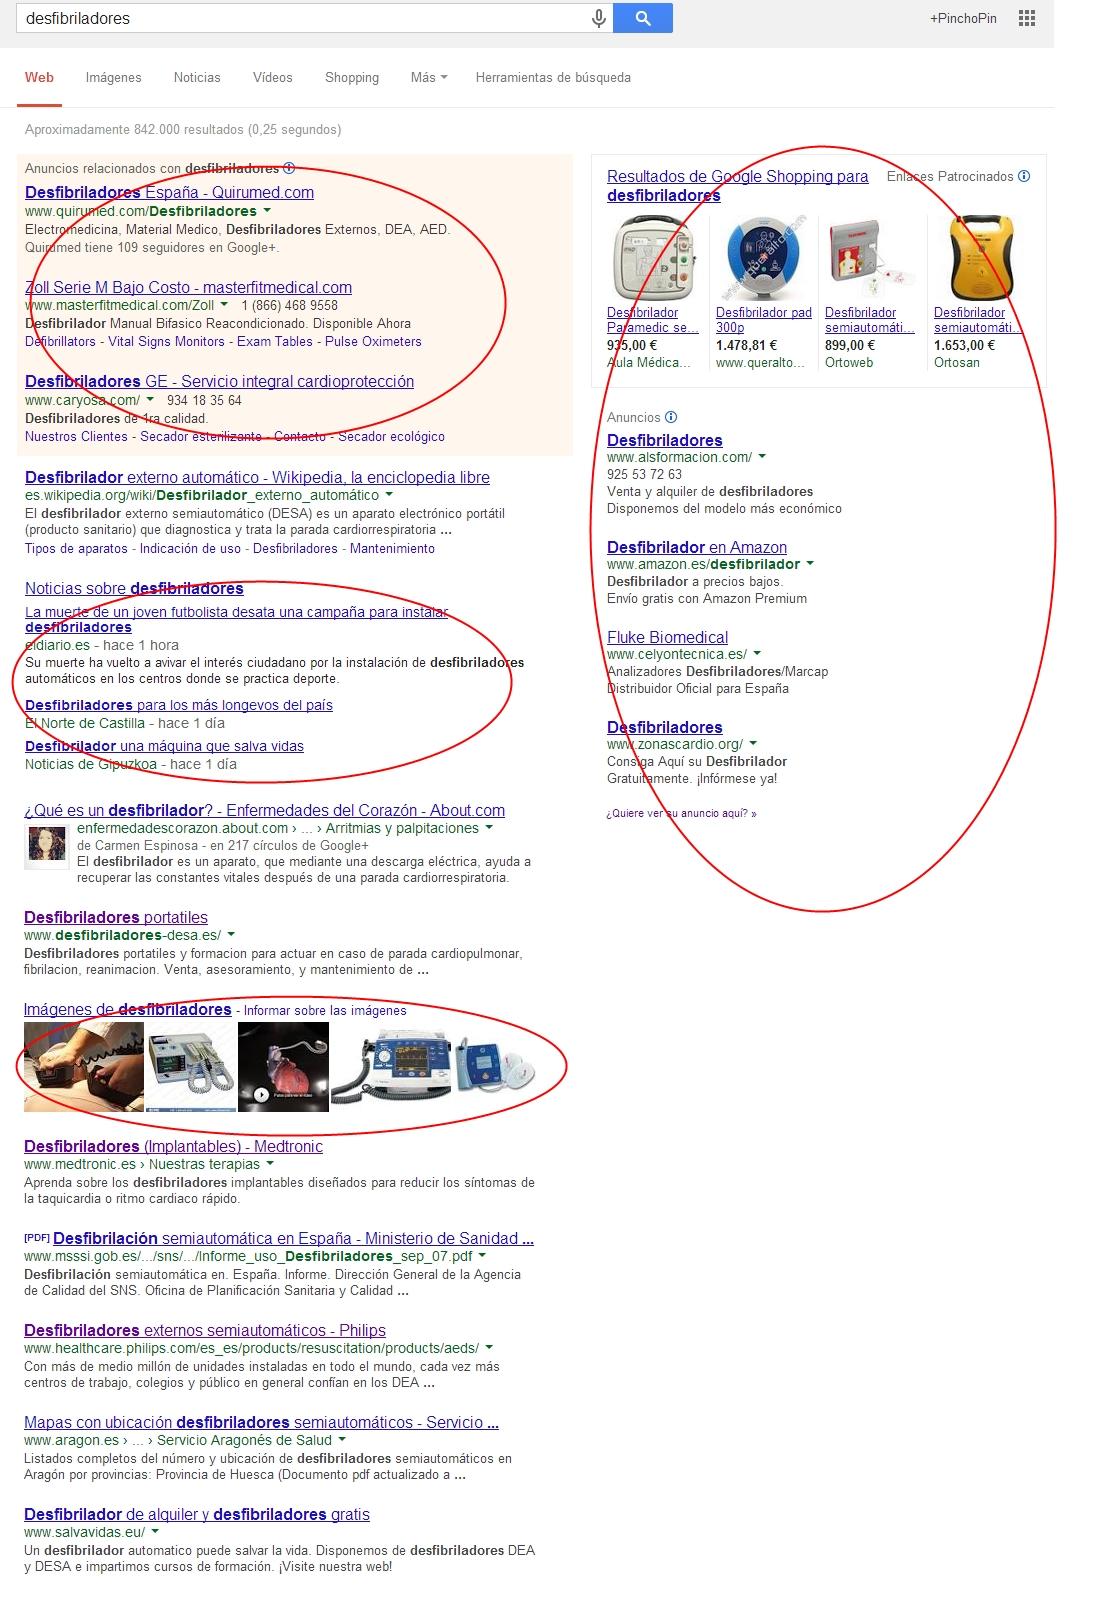 googel-copa-la-pantalla